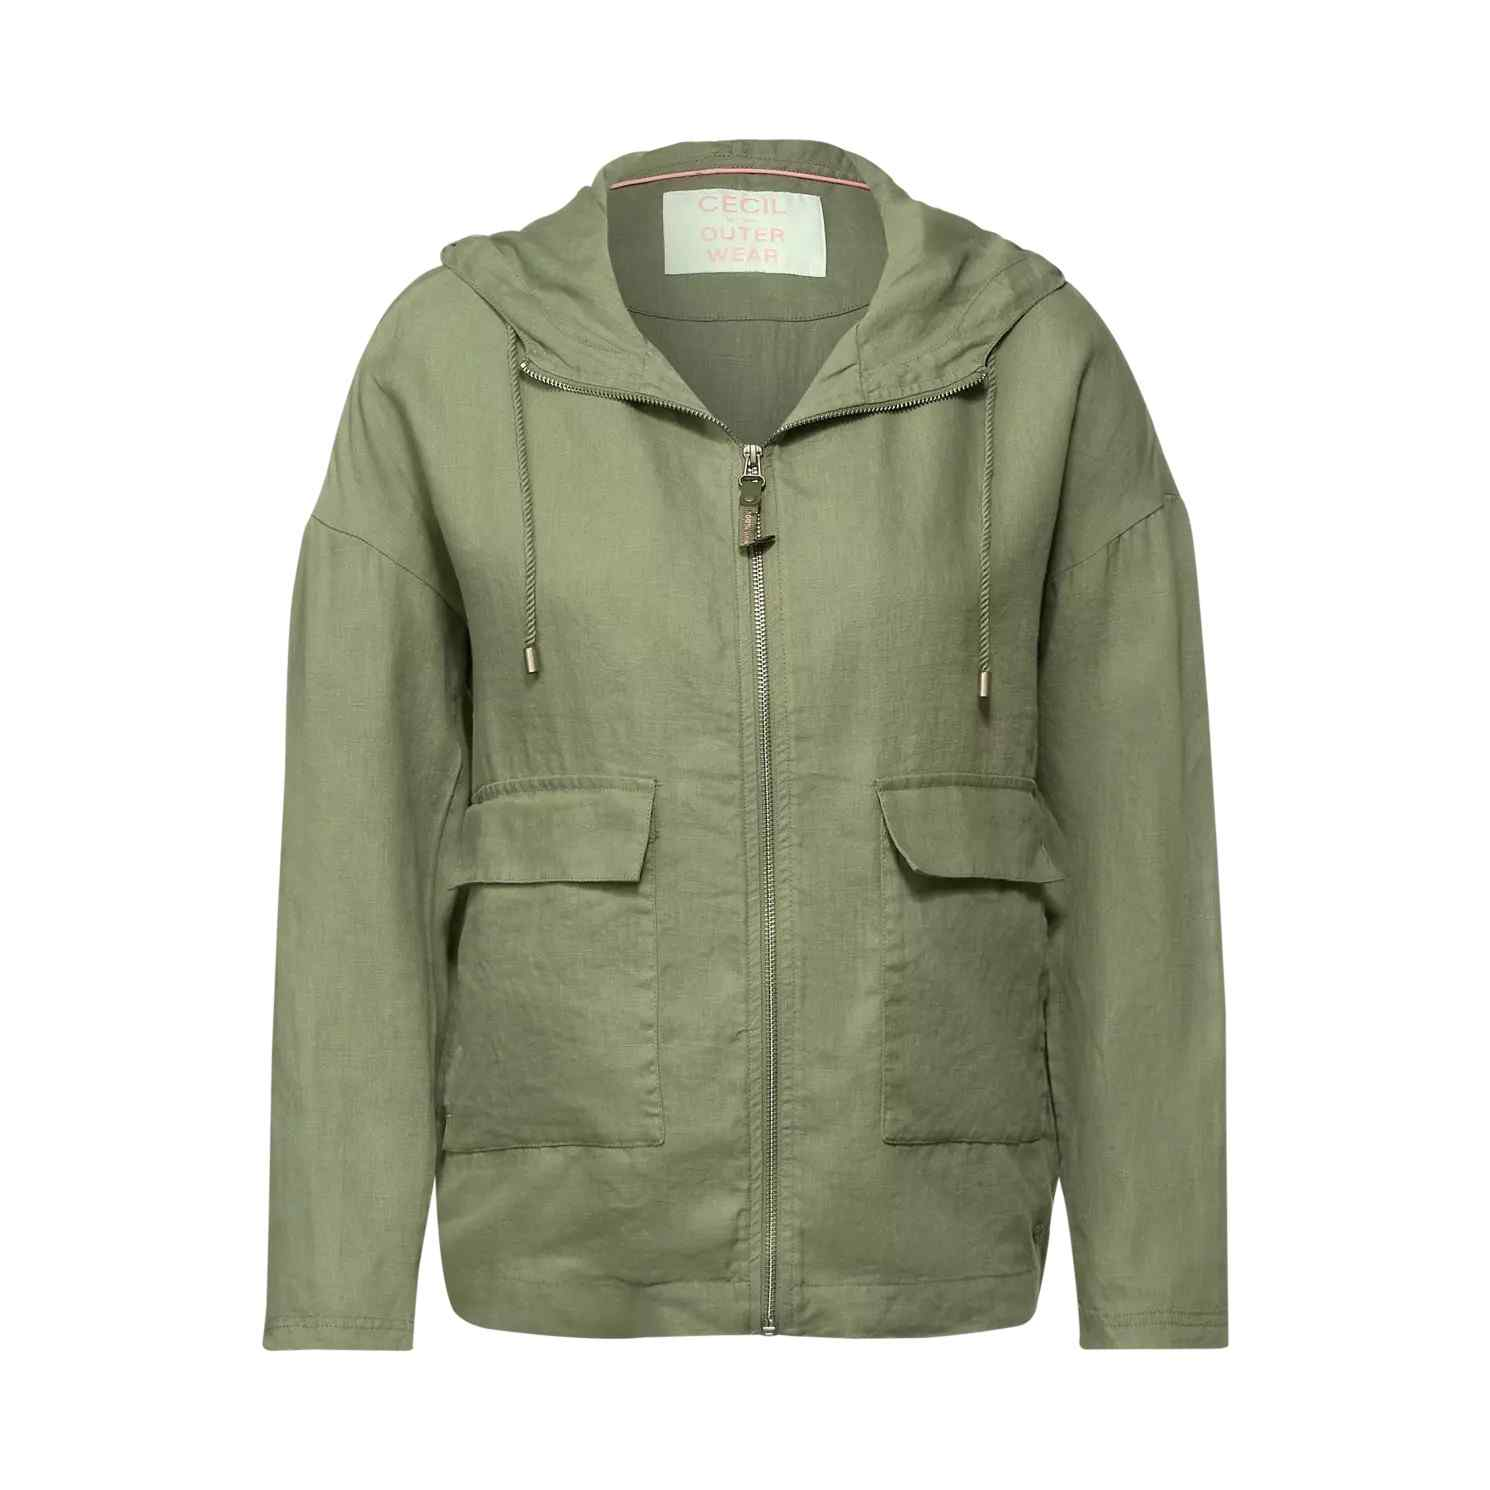 Leinen Indoor Jacke von CECIL